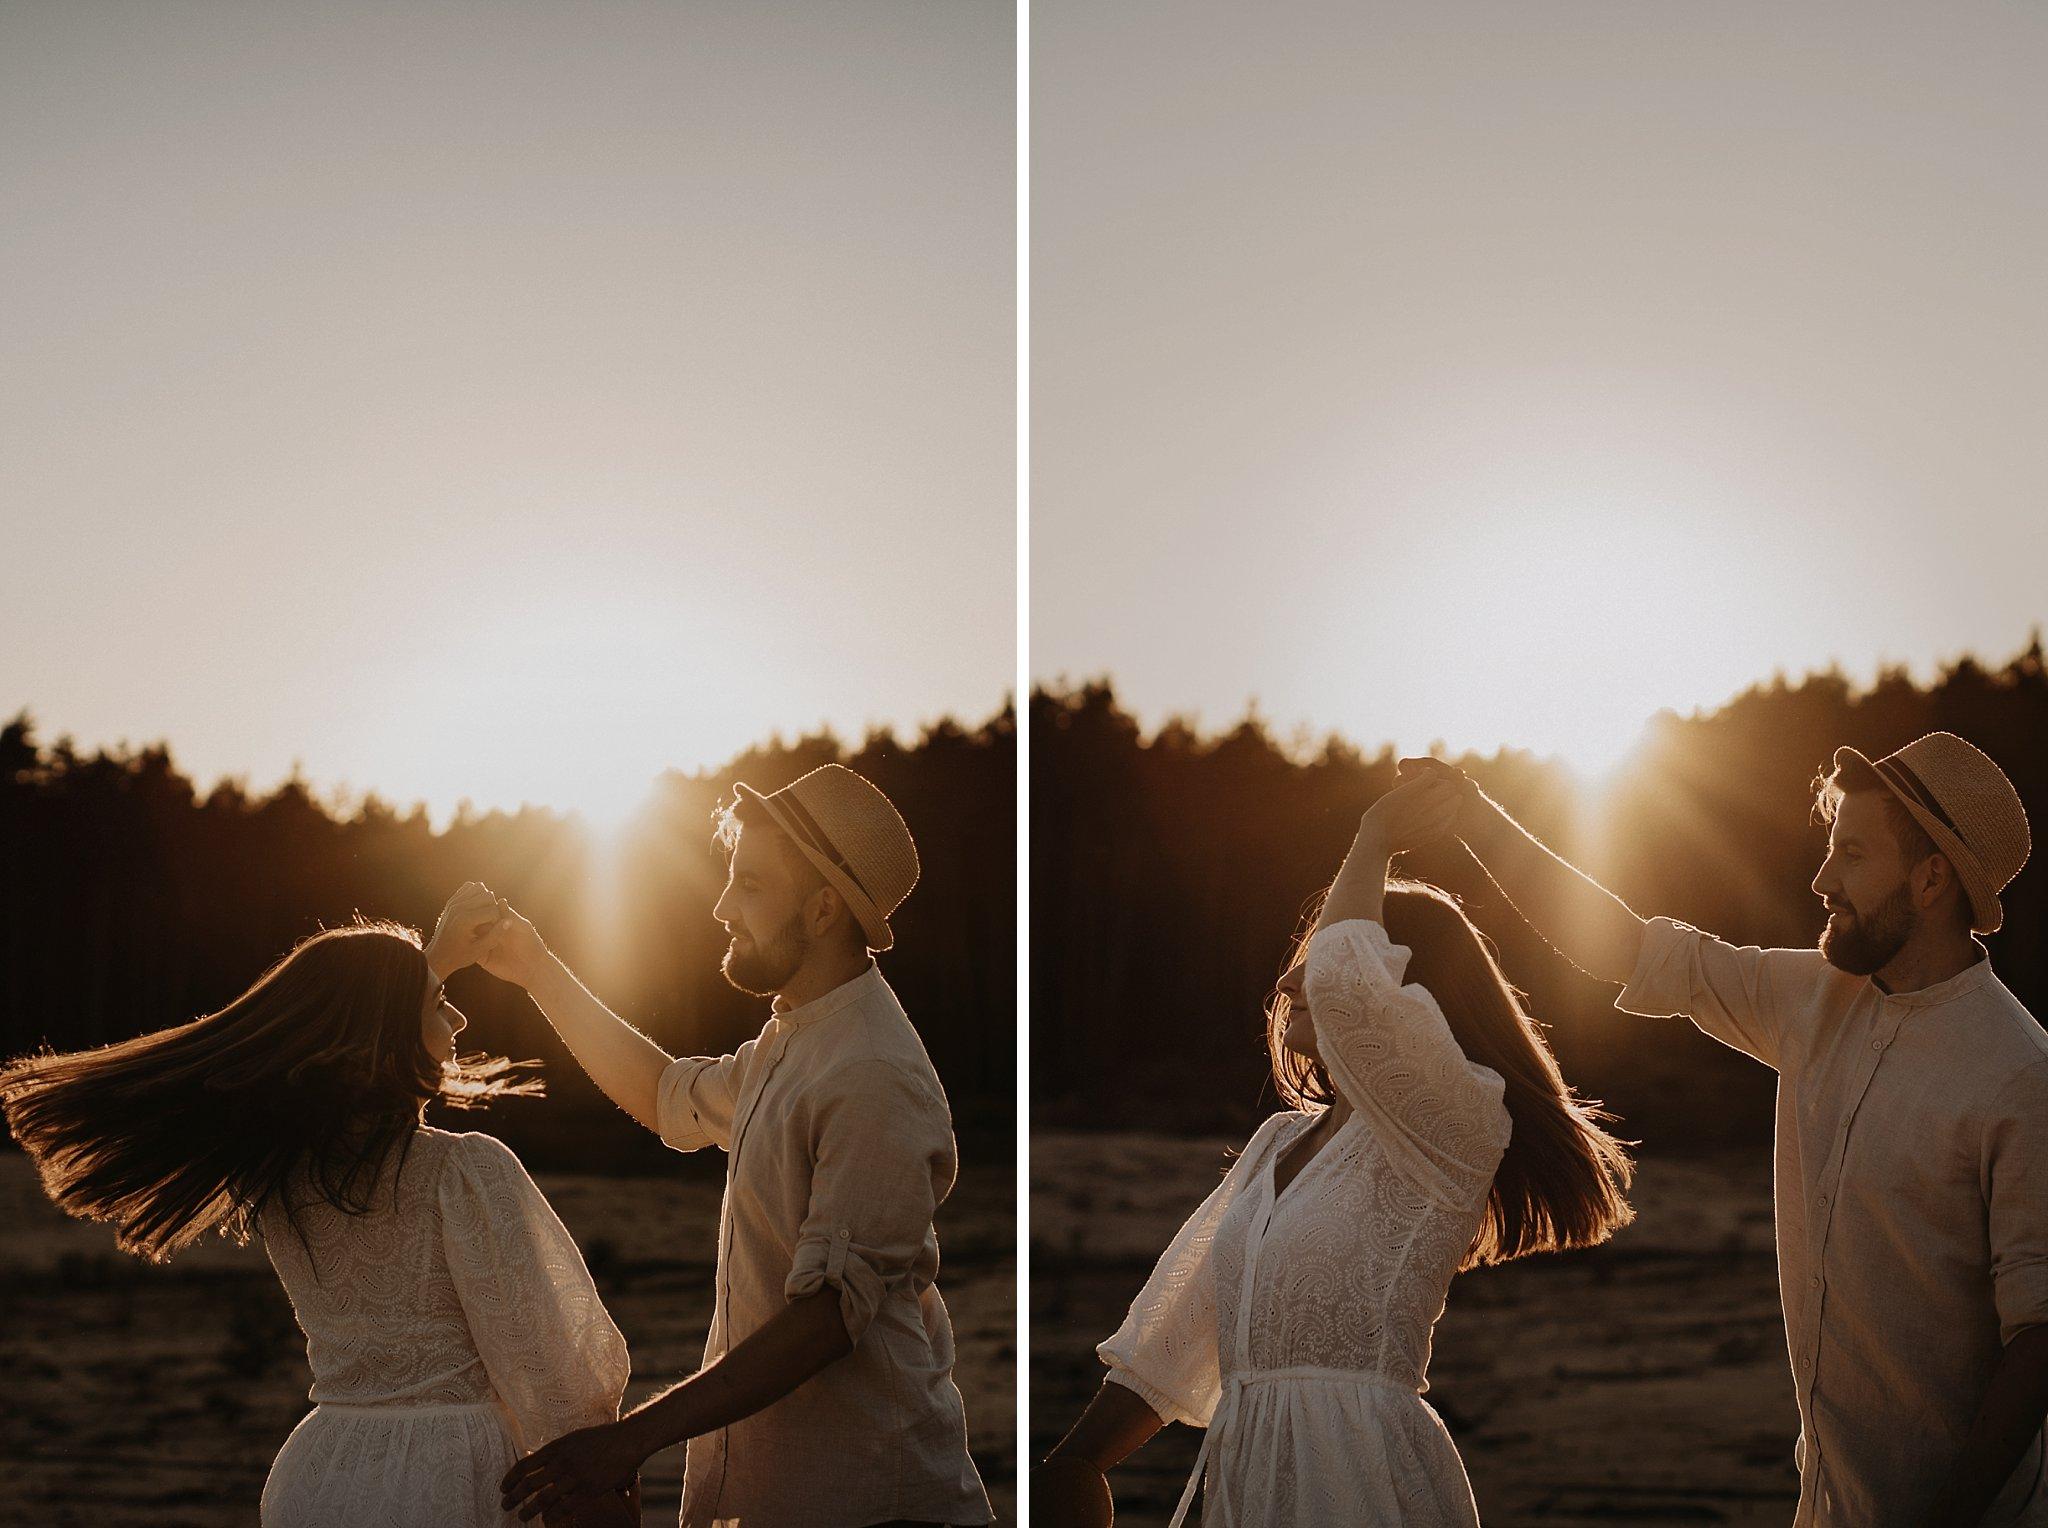 piekna sesja narzeczenska rustykalna romantyczna sesja na pustyni sesja zdjeciowa poznan krugphotography fotograf slubny z poznania fotografia slubna poznan 5300